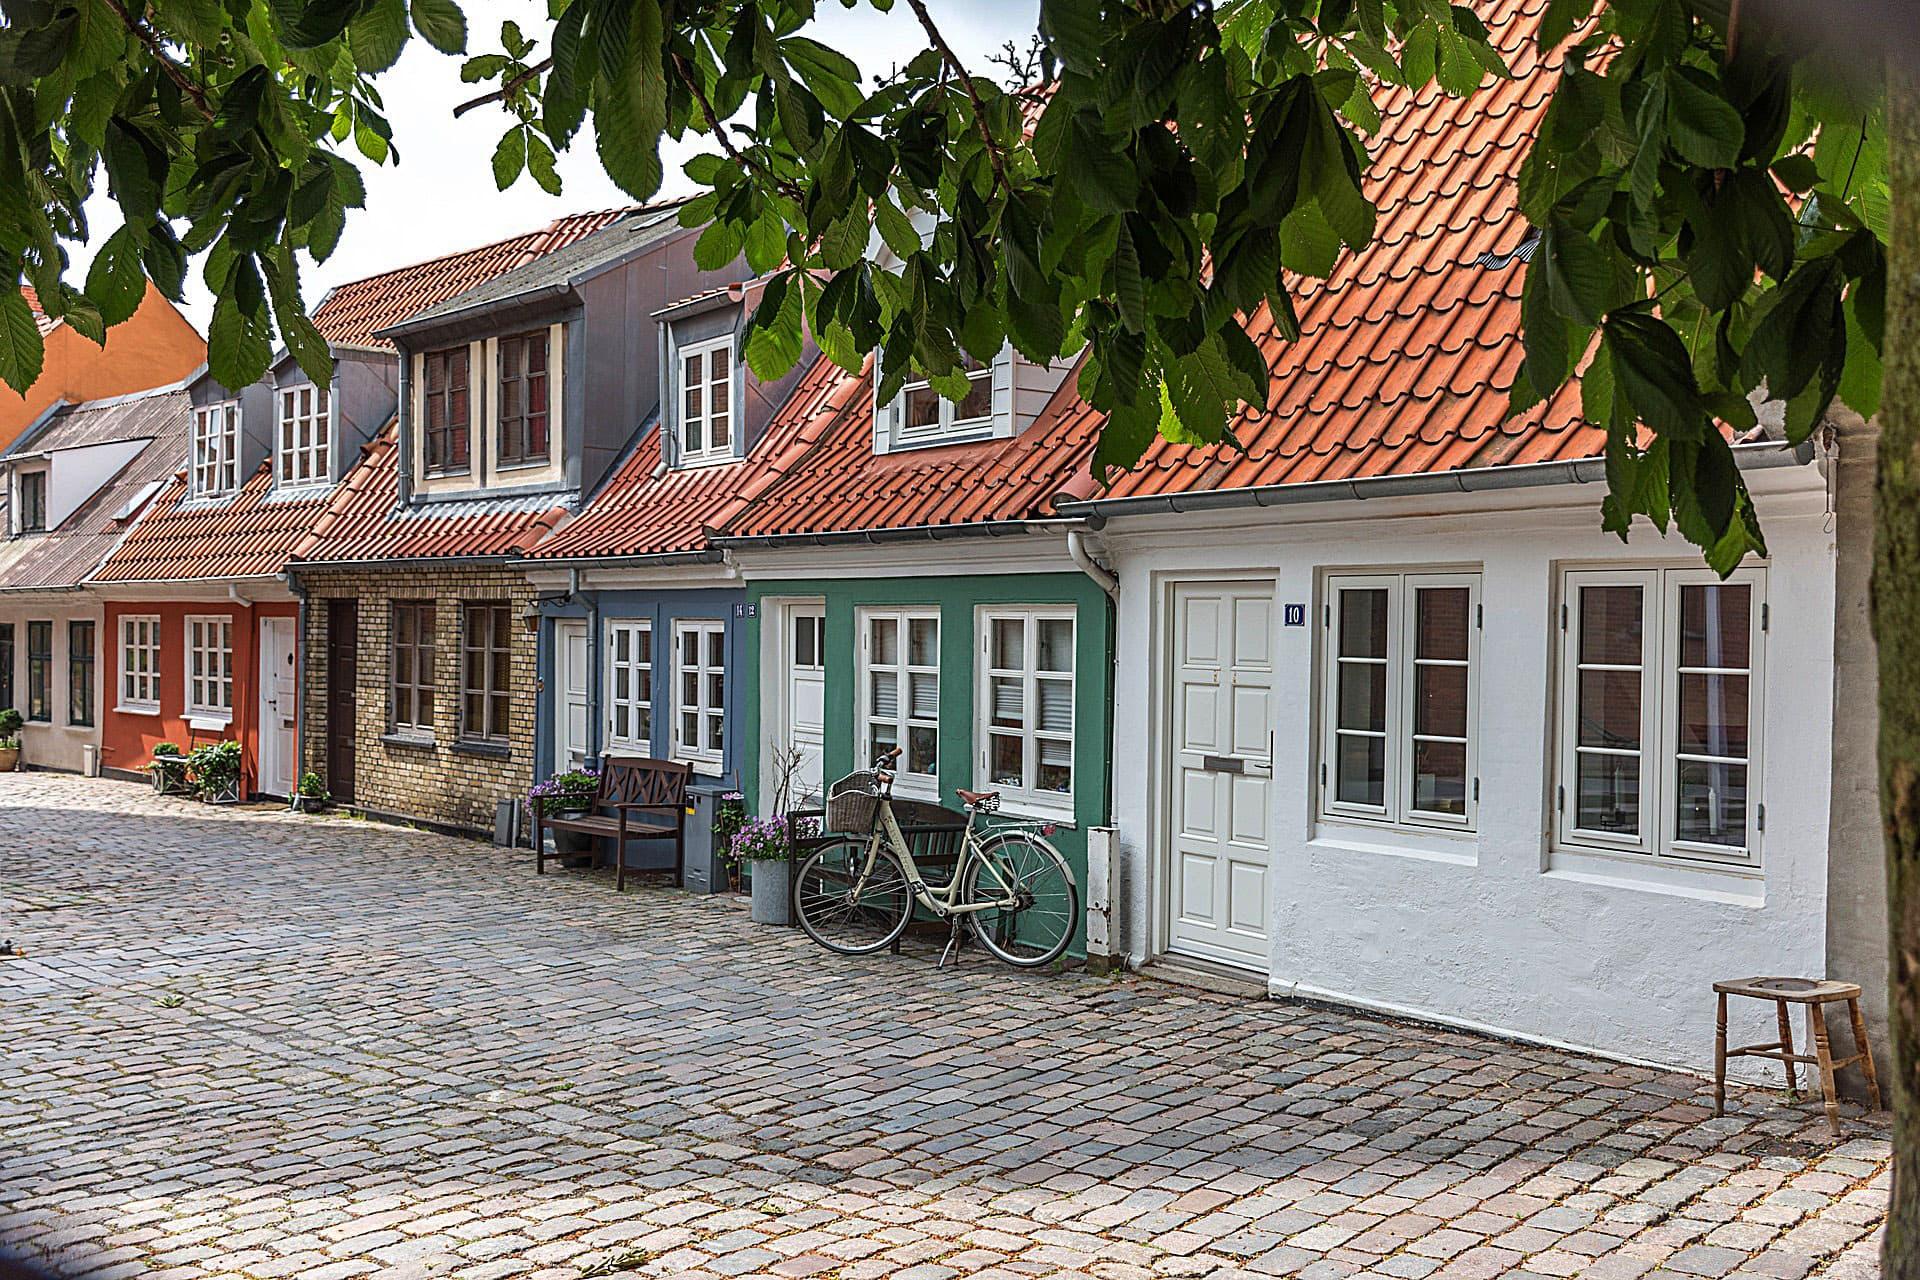 Anteil der Haushalte mit Immobilieneigentum rückläufig